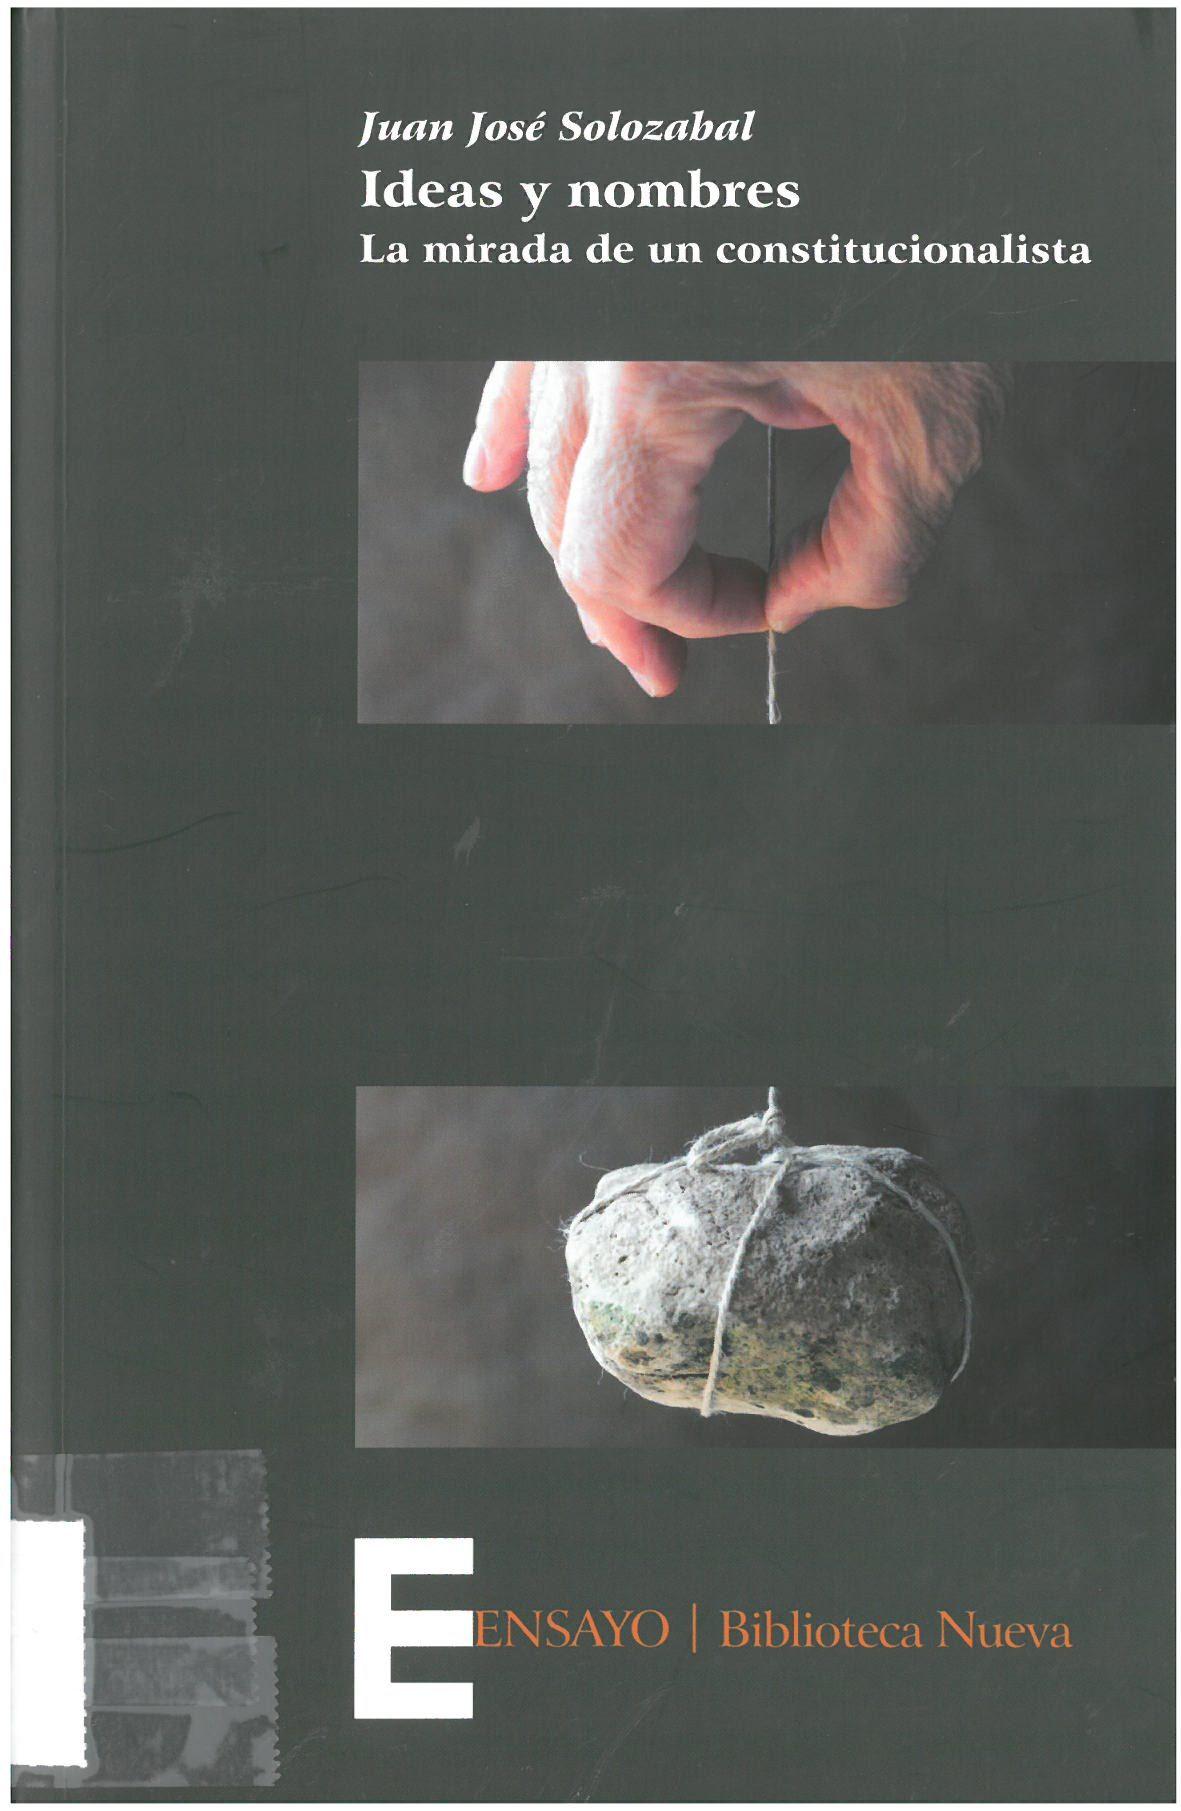 Solozábal Echavarría, Juan José: Ideas y nombres: la mirada de un constitucionalista Madrid : Biblioteca Nueva, 2015, 331 p.